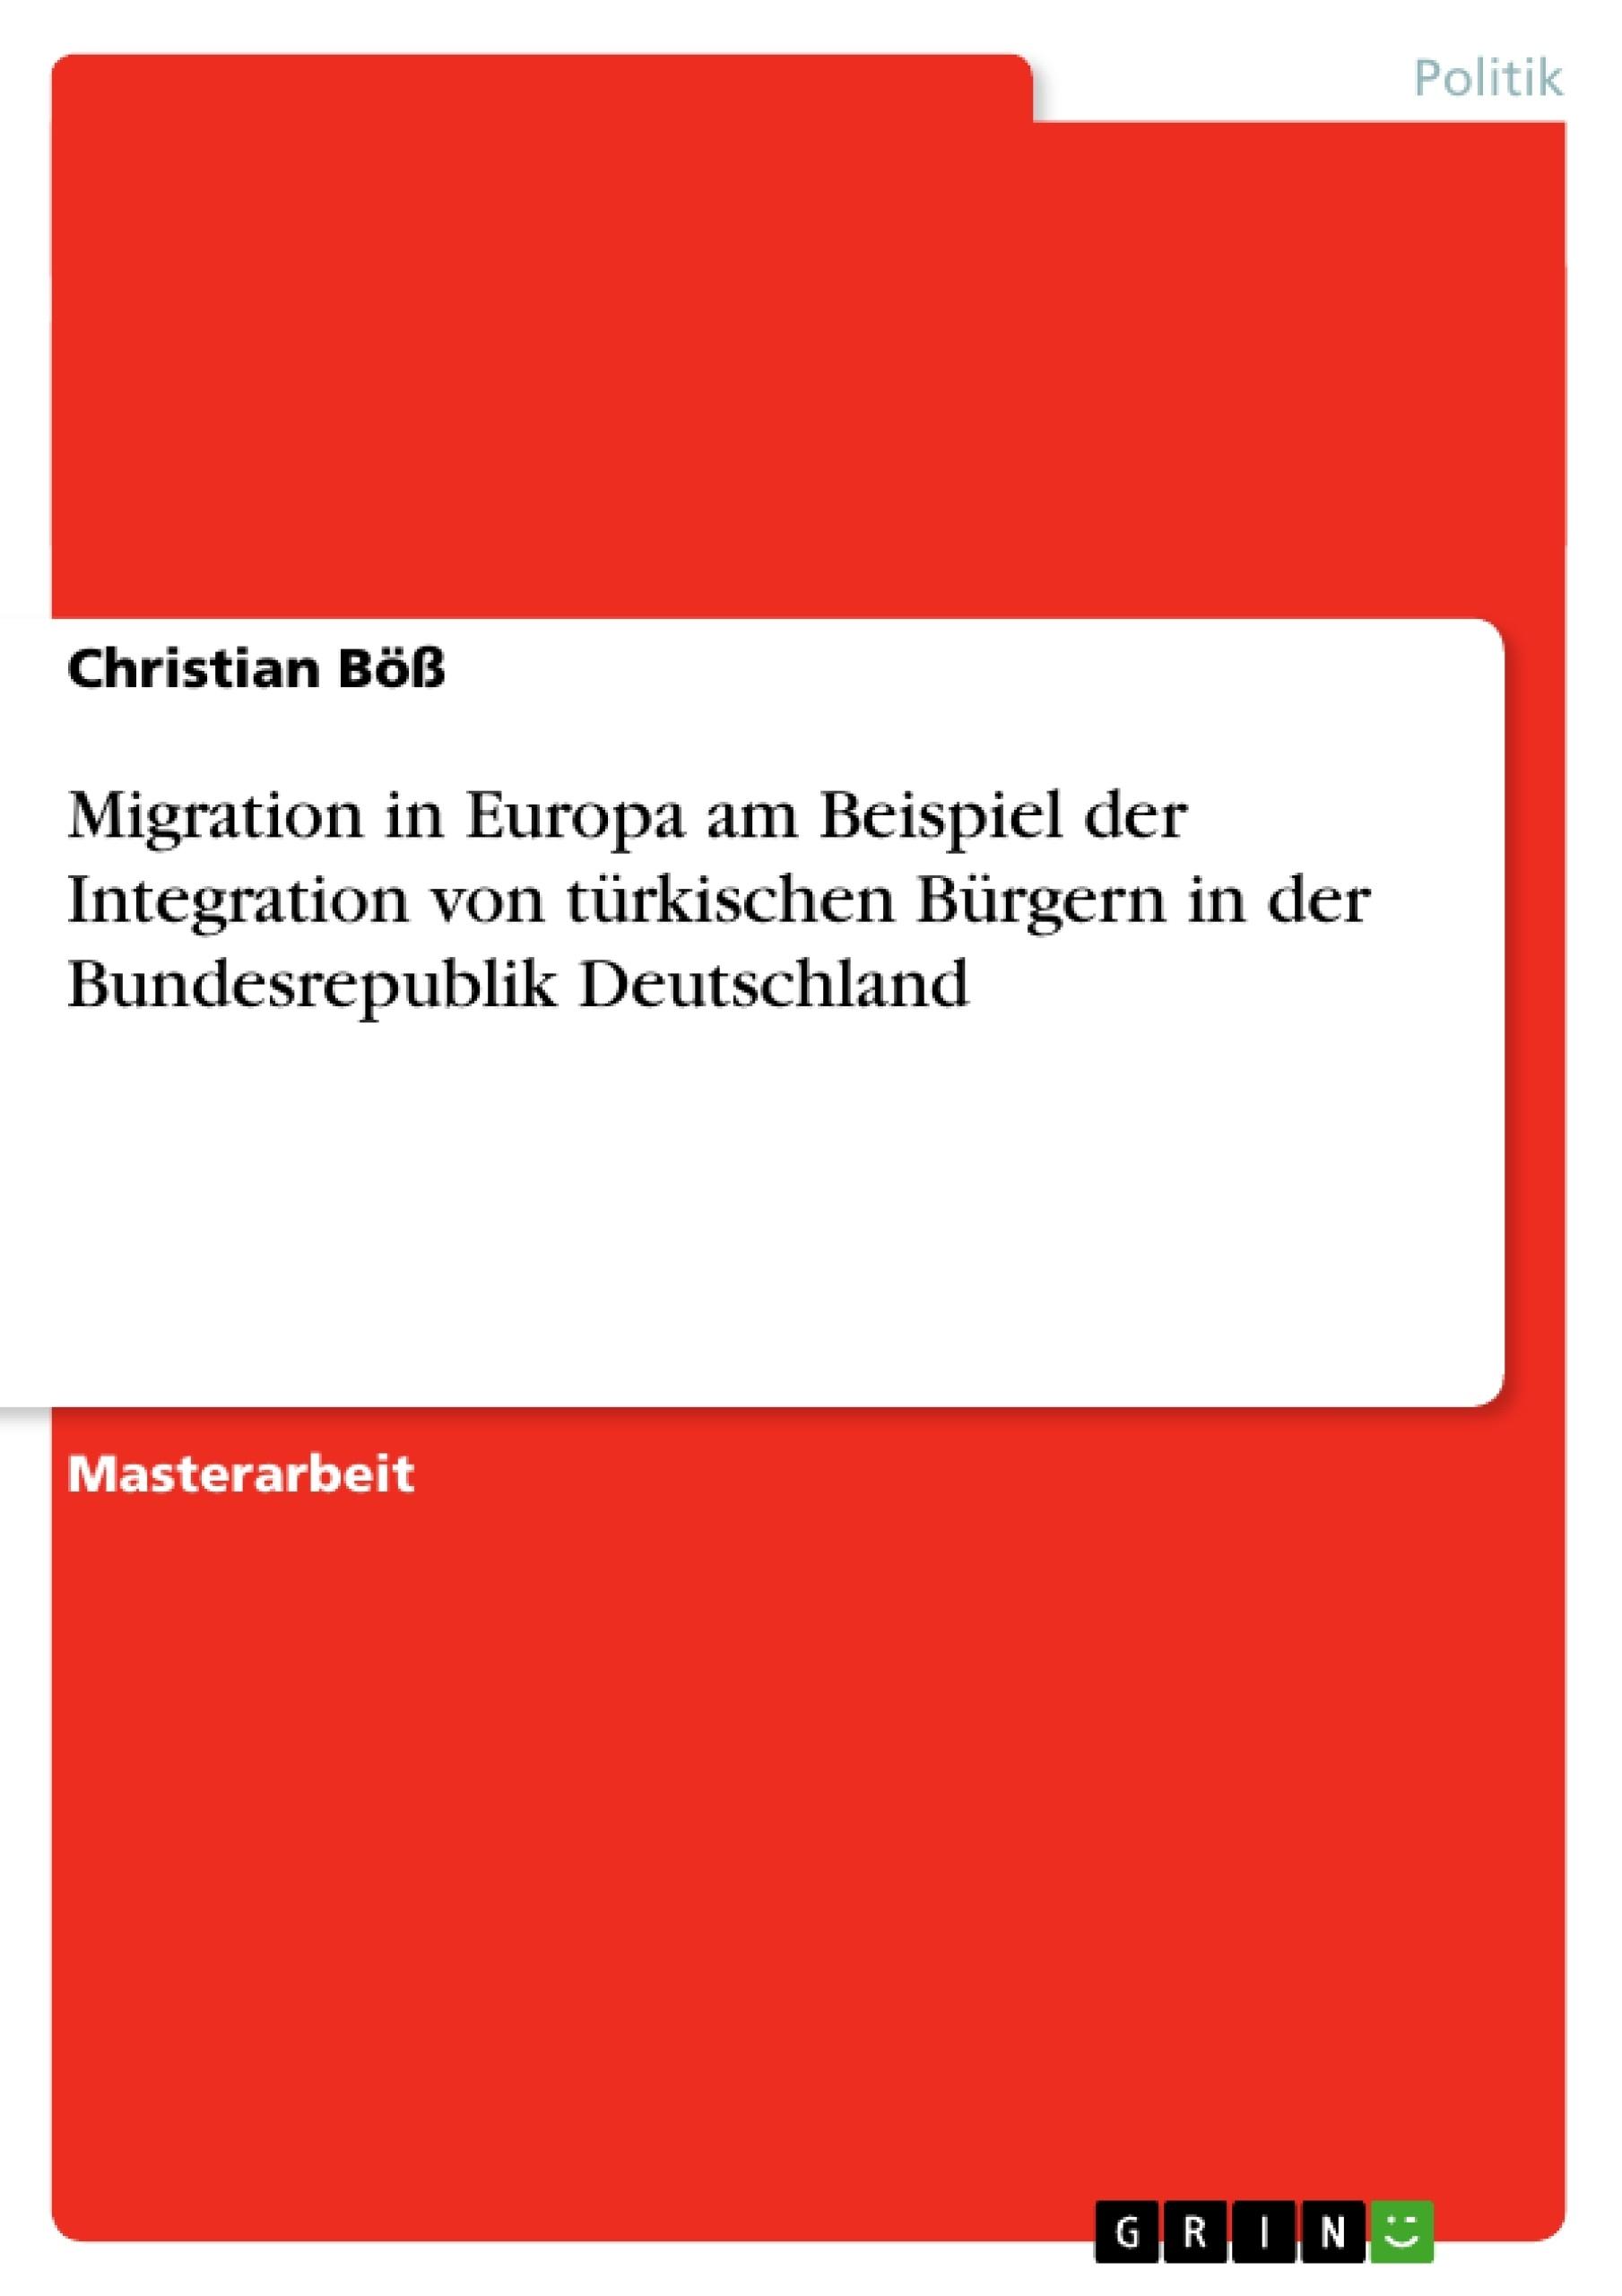 Titel: Migration in Europa am Beispiel der Integration von türkischen Bürgern in der Bundesrepublik Deutschland